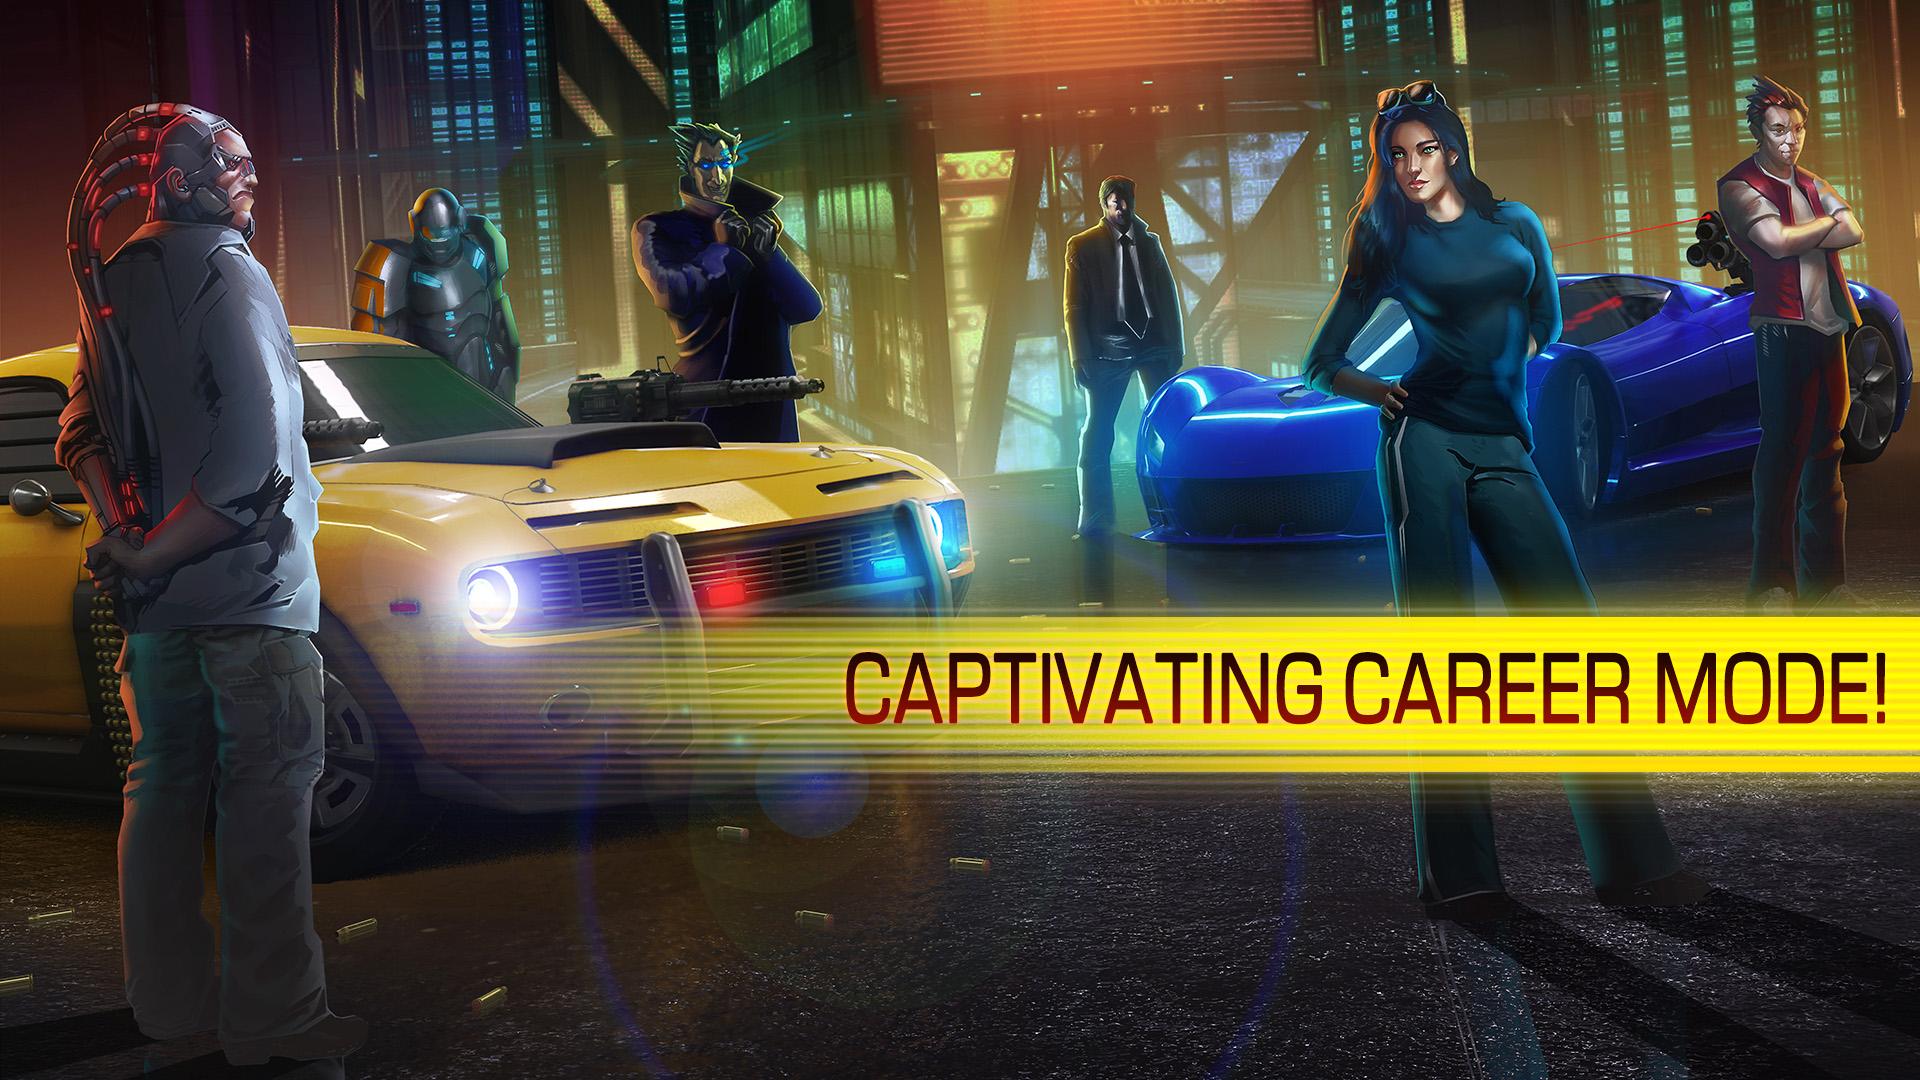 Cyberline Racing Features